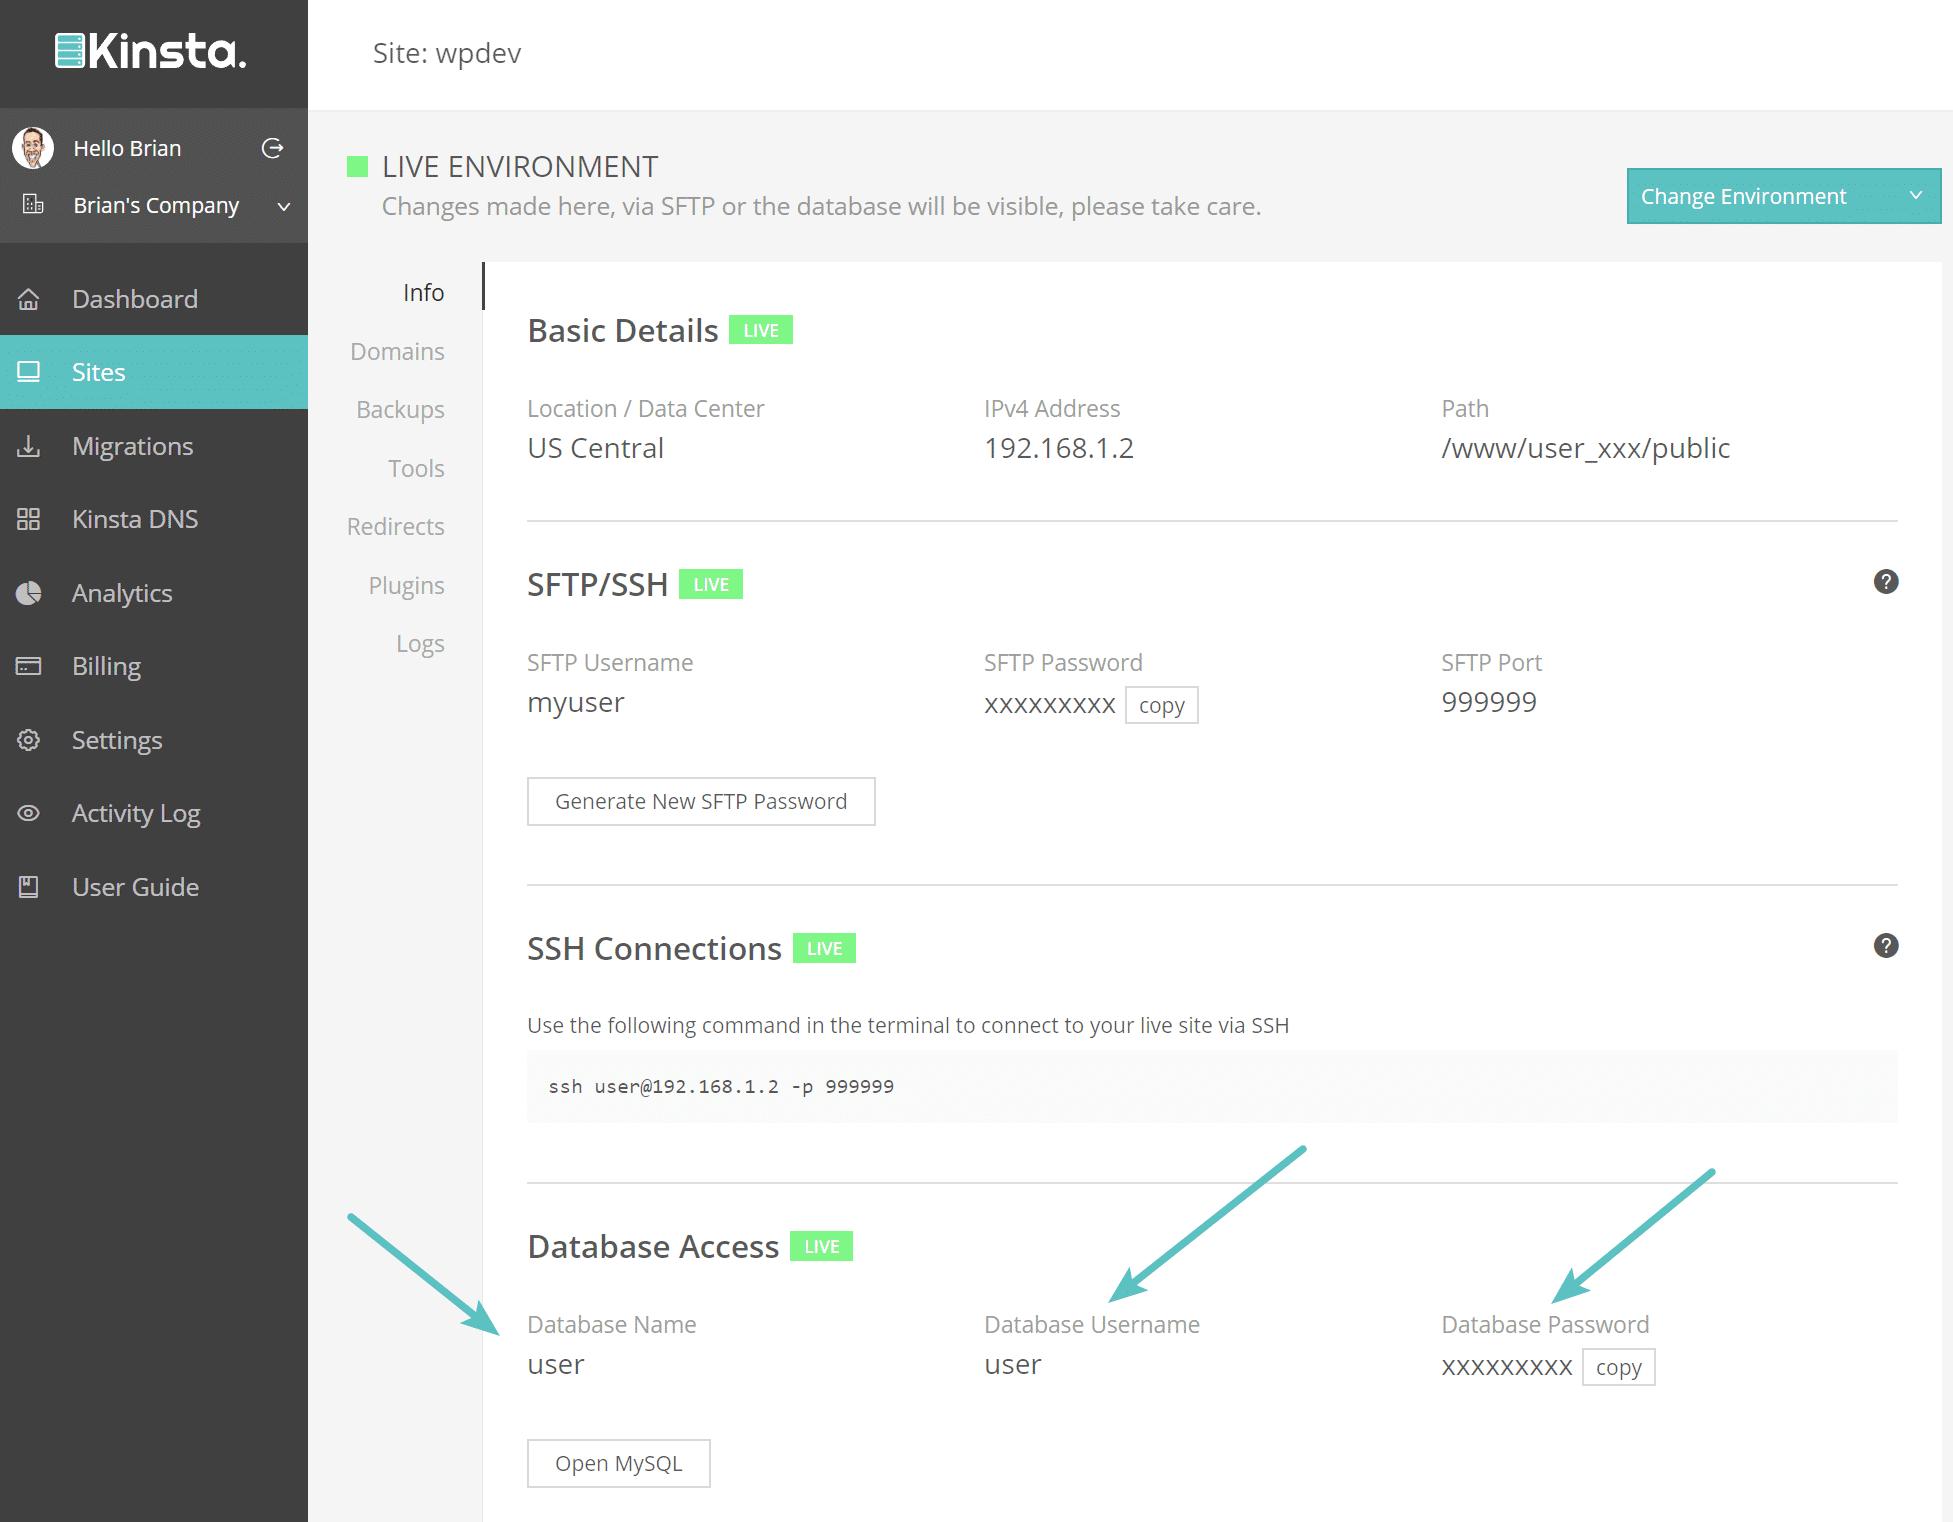 Kinsta Datenbank Anmeldeinformationen